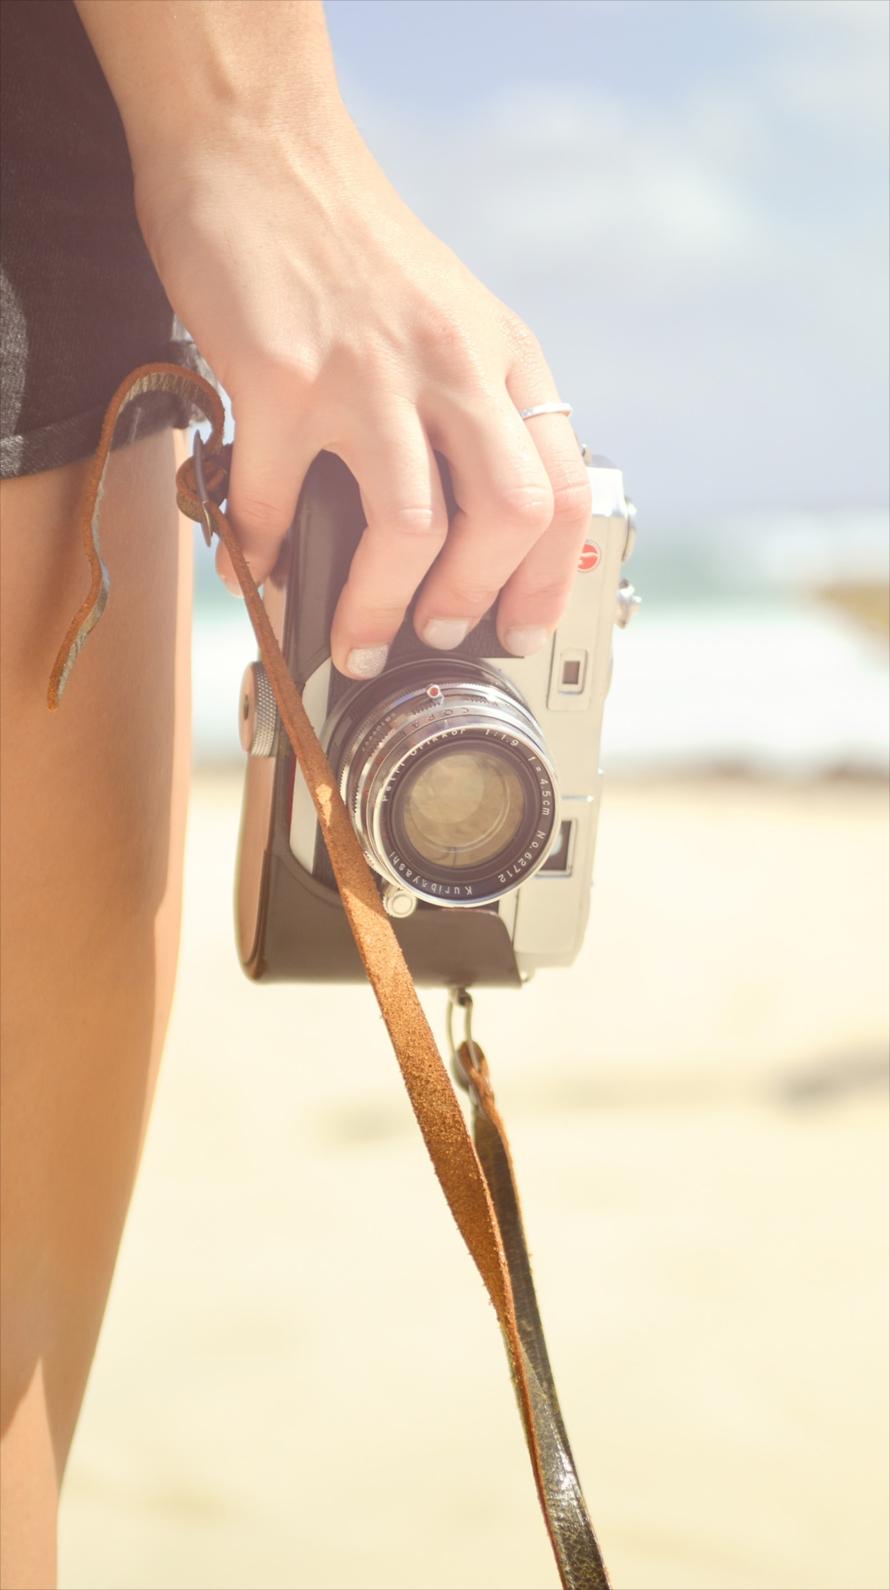 カメラを持つ女性の手 Iphone6壁紙 Wallpaperbox